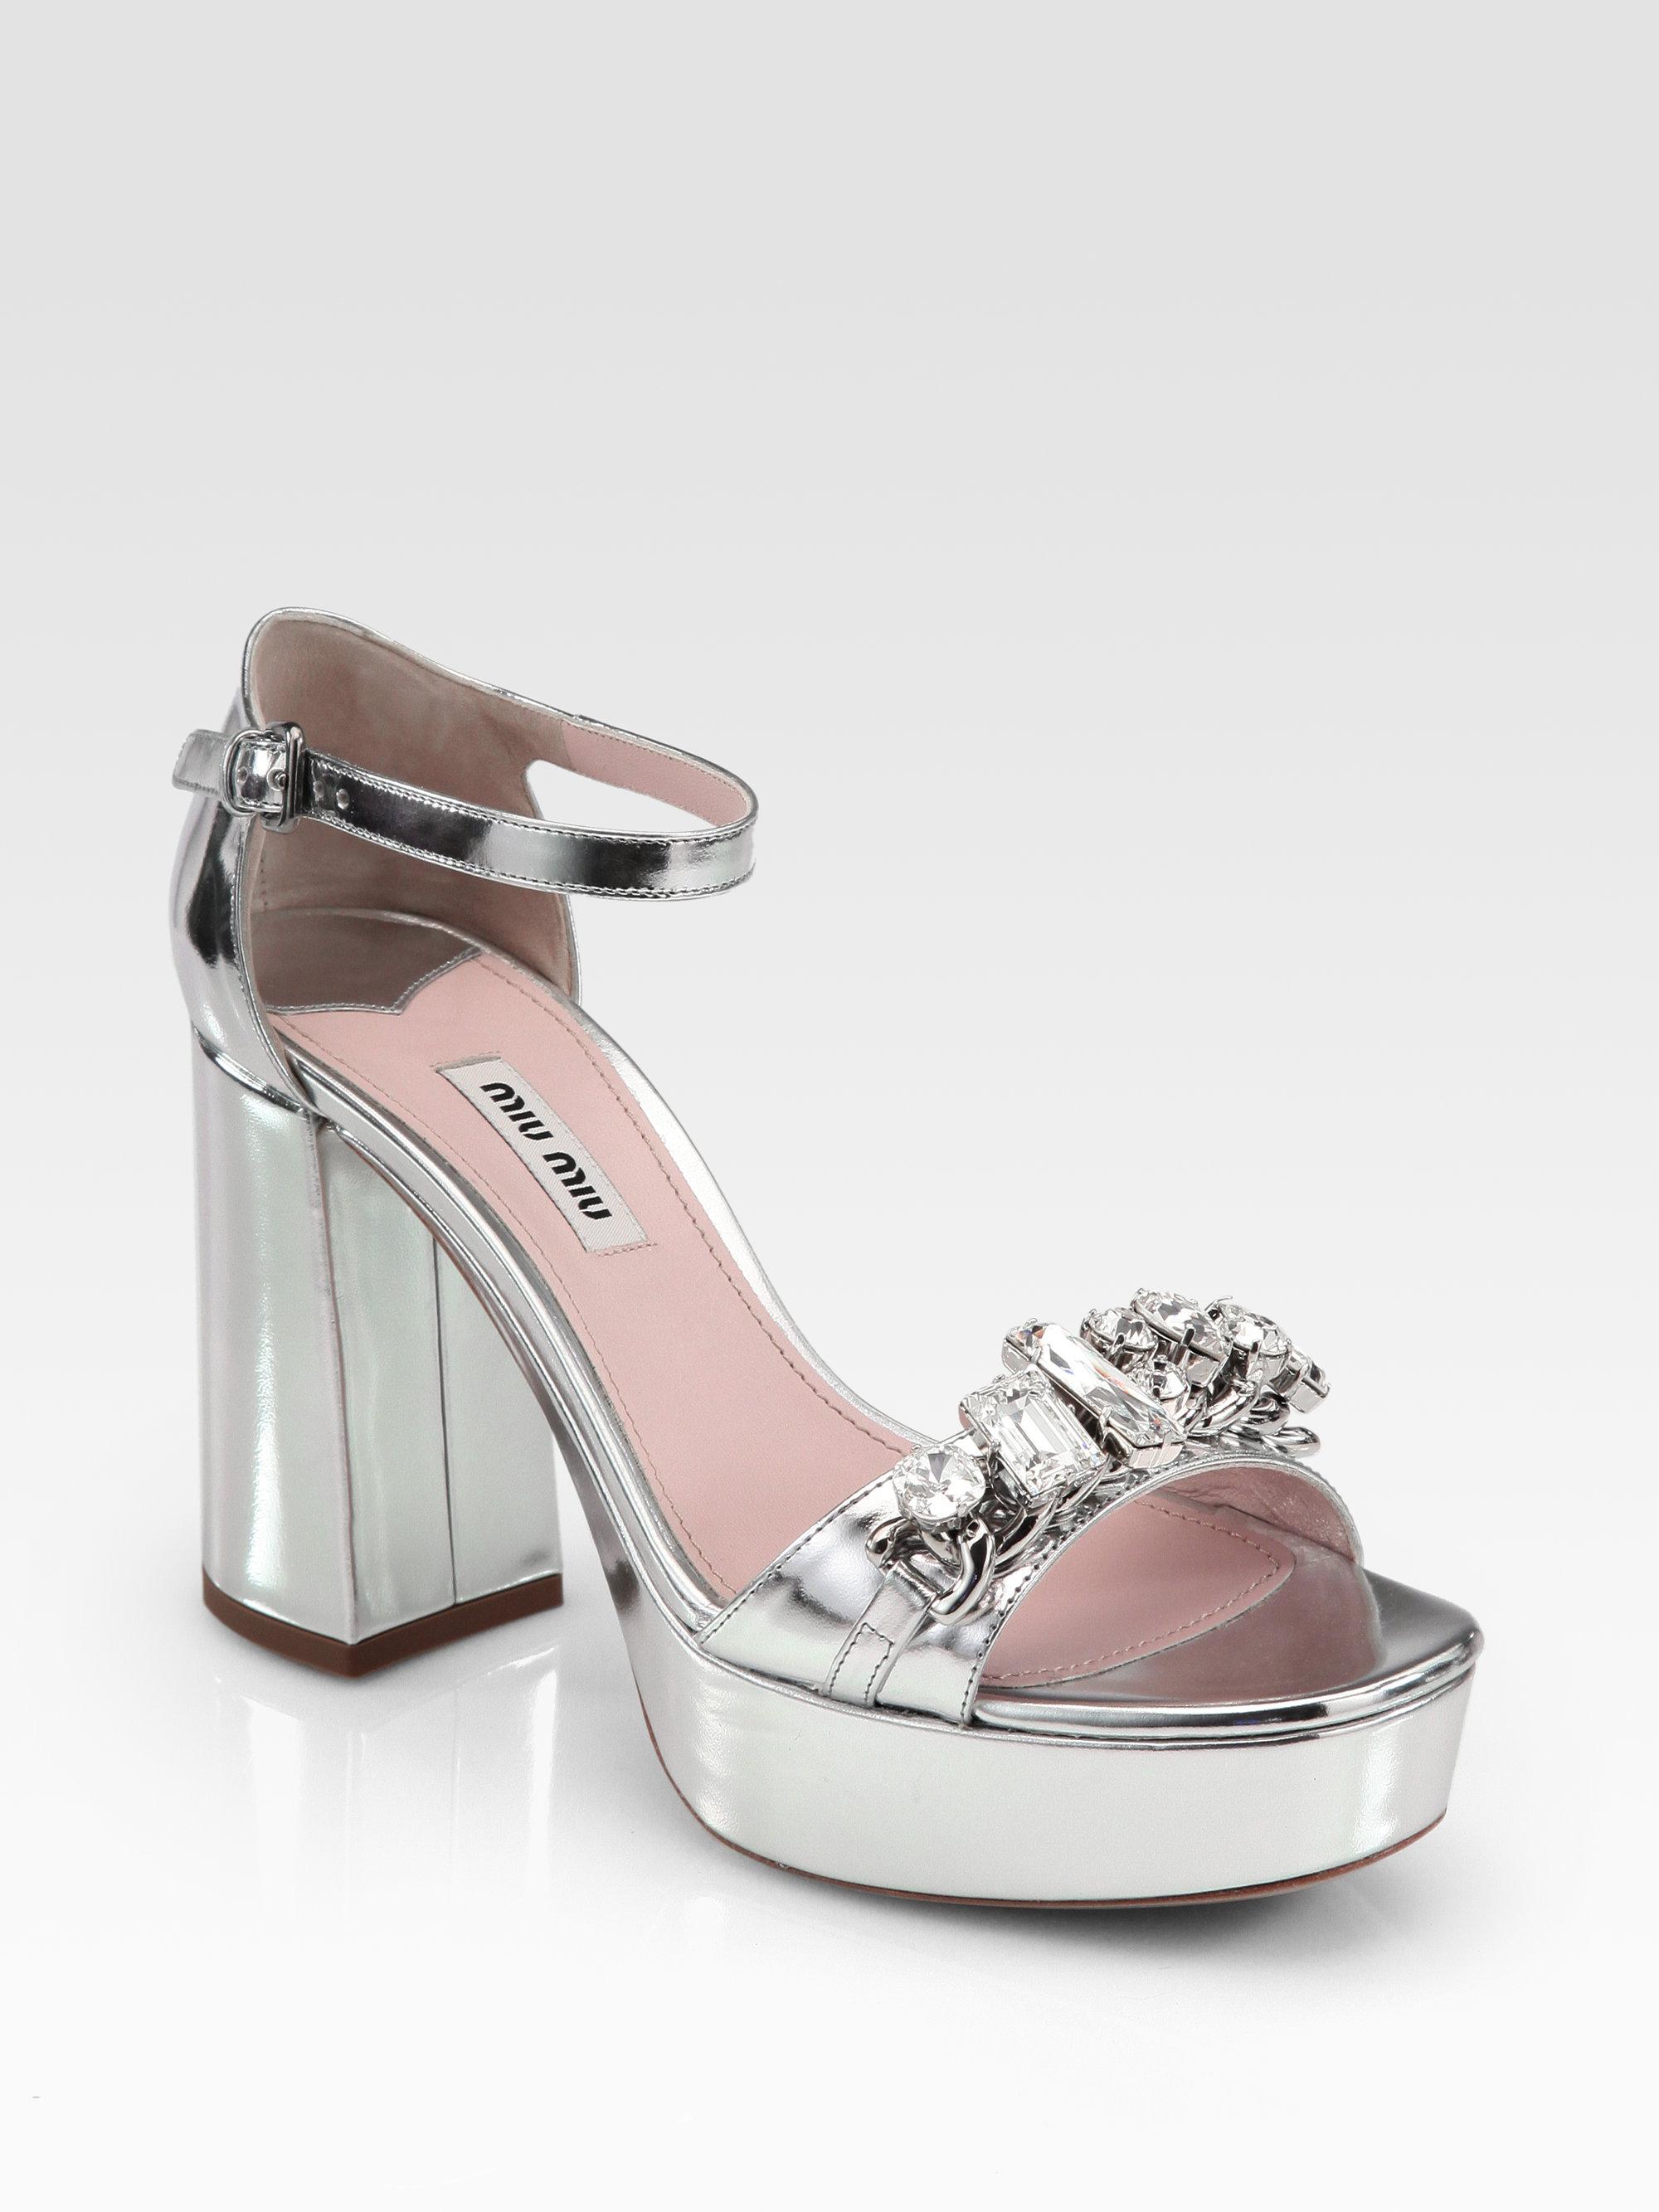 a6f0b0b6c Lyst - Miu Miu Metallic Leather Jeweled Platform Sandals in Gray